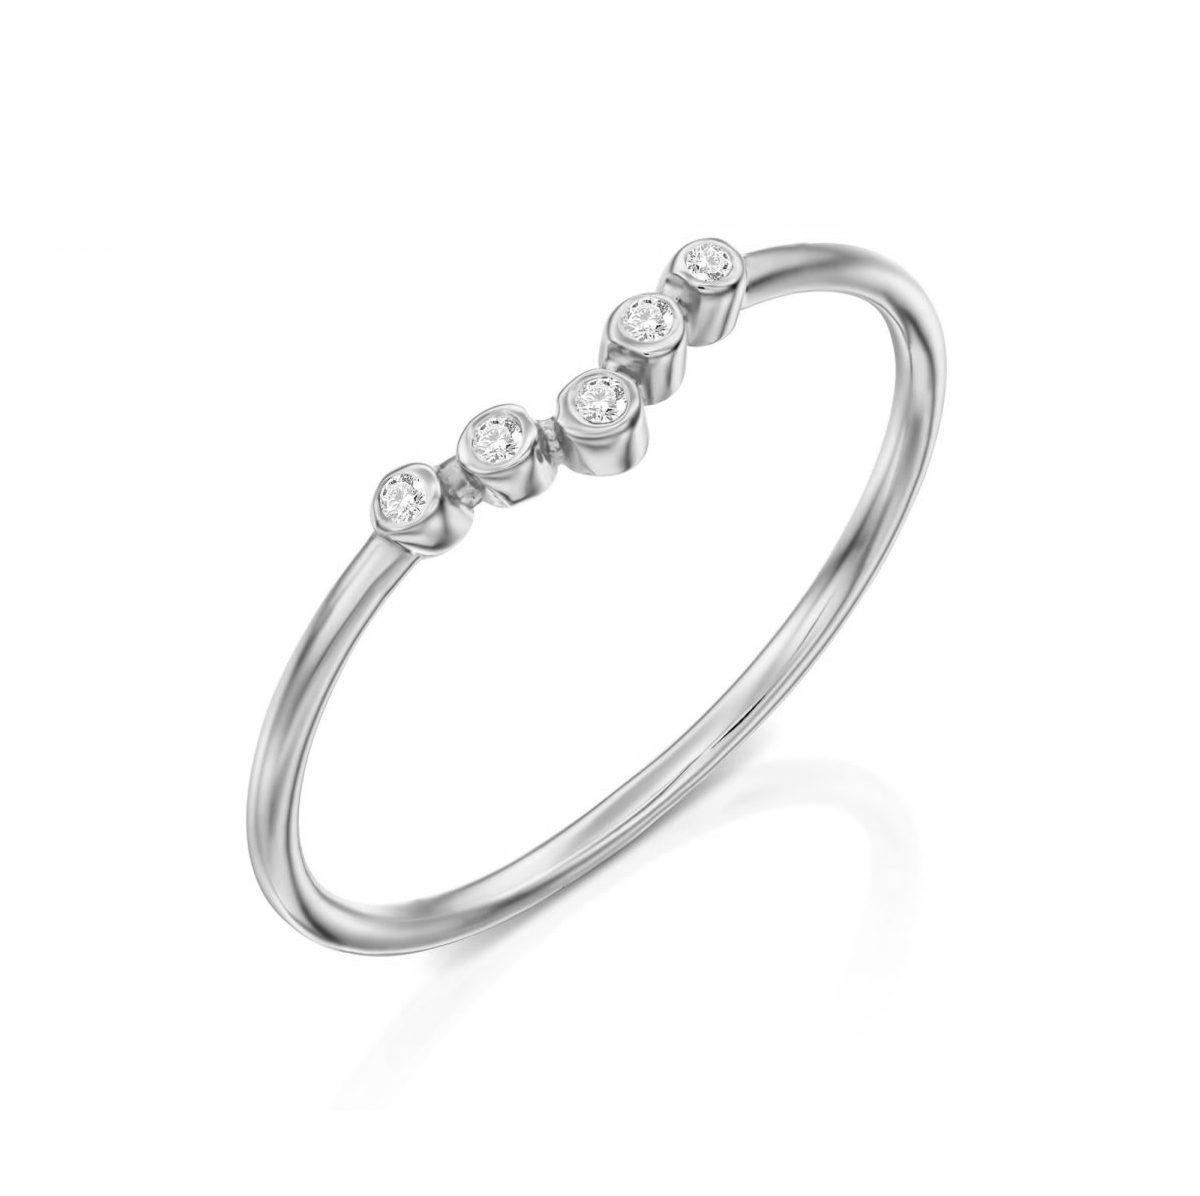 טבעת יהלומים - ליר